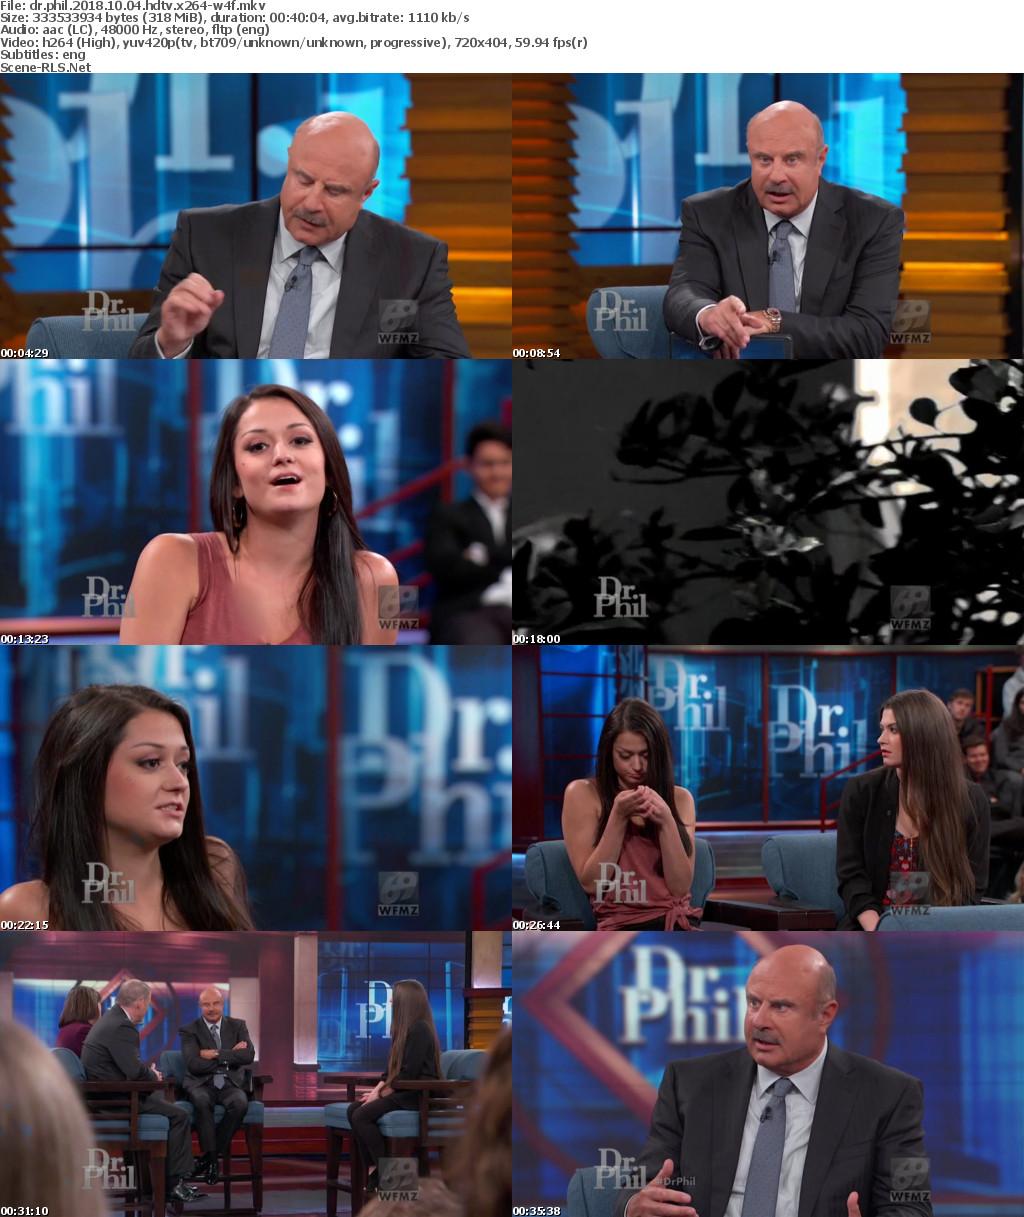 Dr Phil 2018 10 04 HDTV x264-W4F - Scene Release